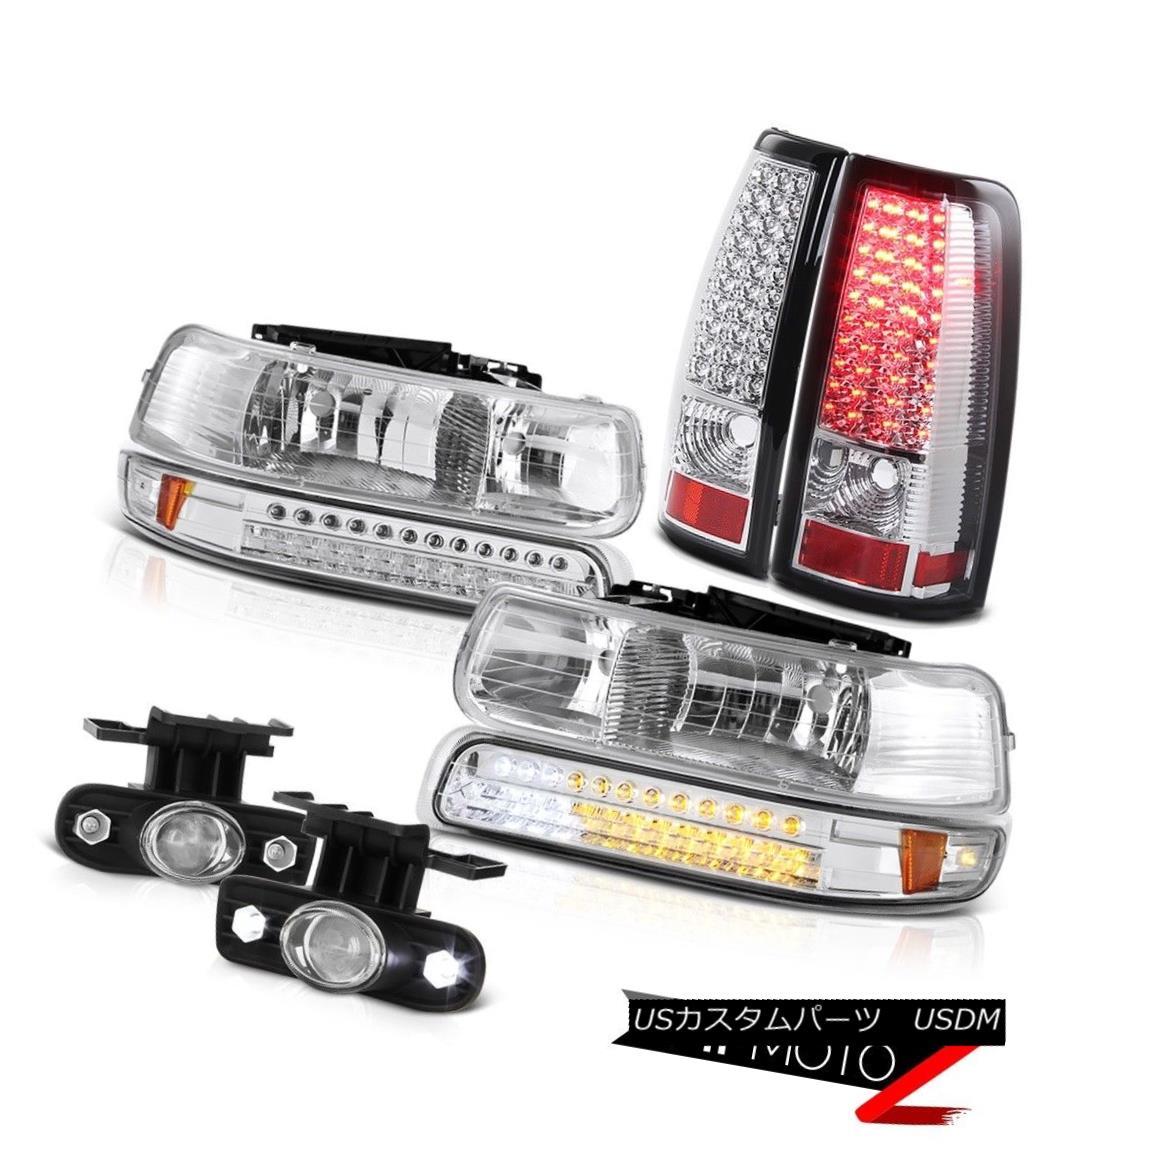 テールライト 1999-2002 Chevy Silverado LT LS Euro SMD Bumper+Headlamp Tail Light LED Foglight 1999-2002シボレーシルバラードLT LSユーロSMDバンパー+ヘッドラム pテールライトLED Foglight